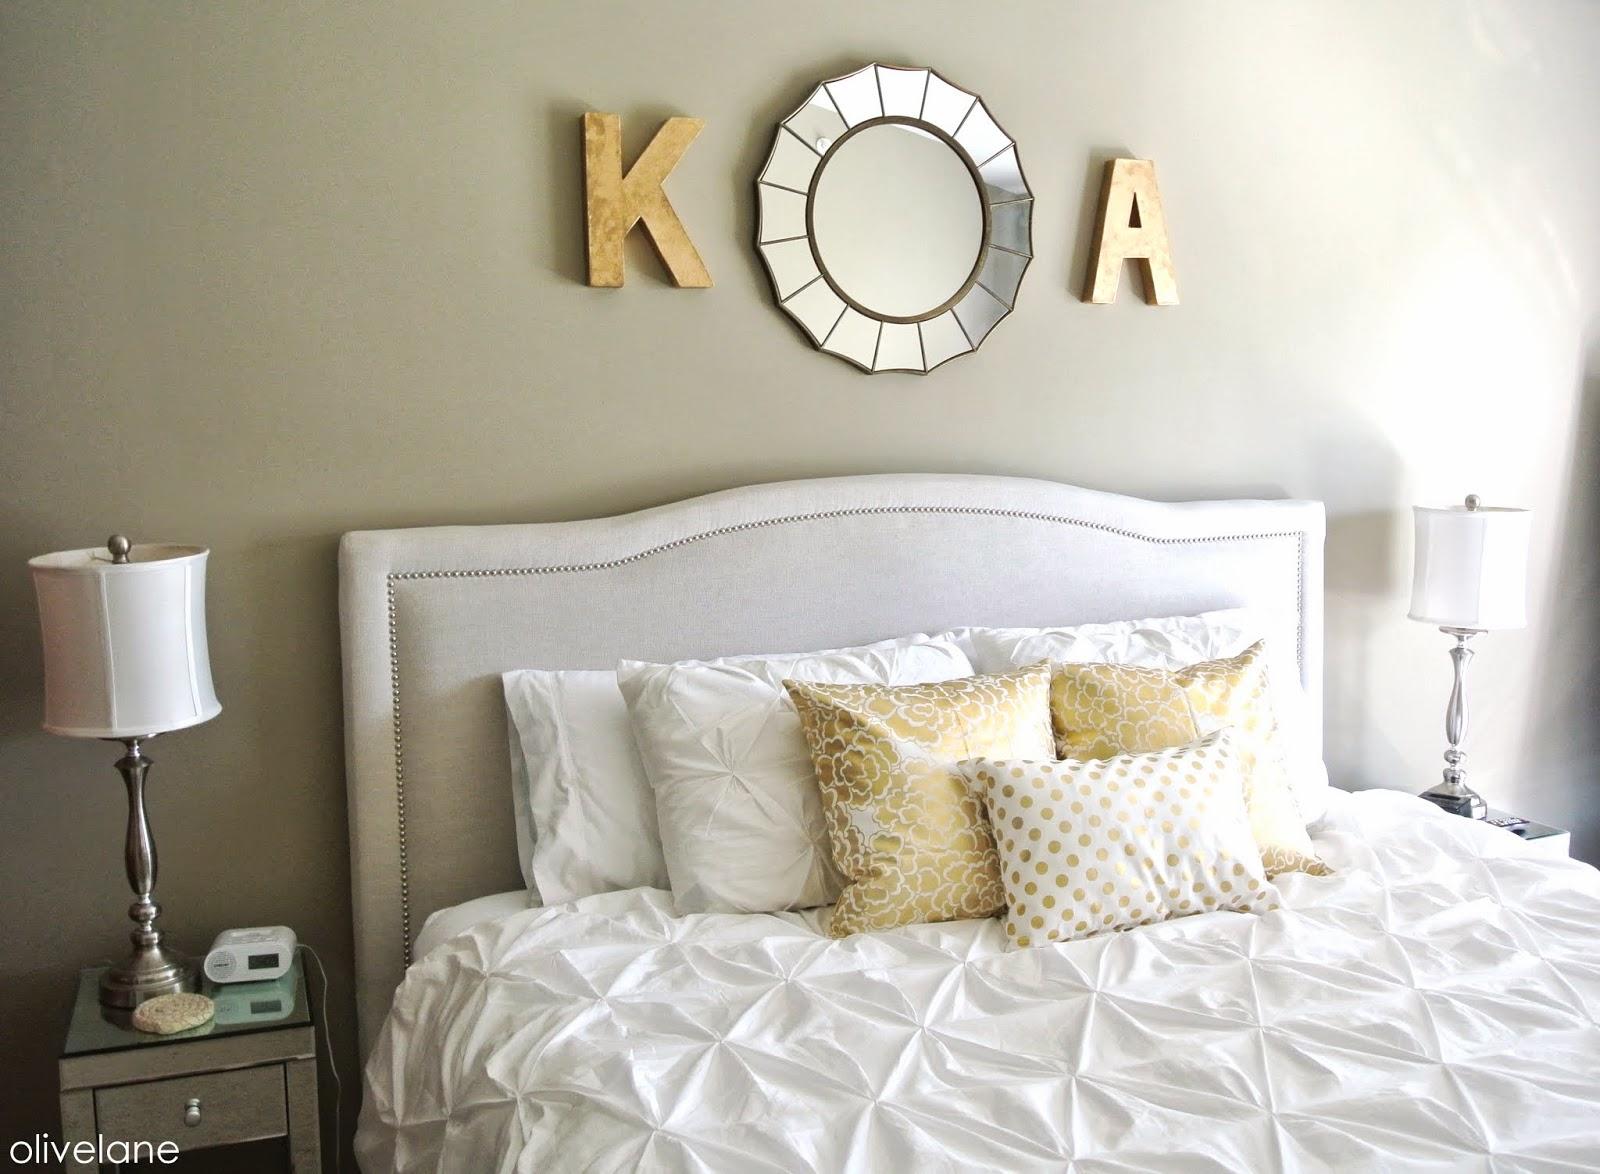 غرف نوم ذهبي وابيض | المرسال